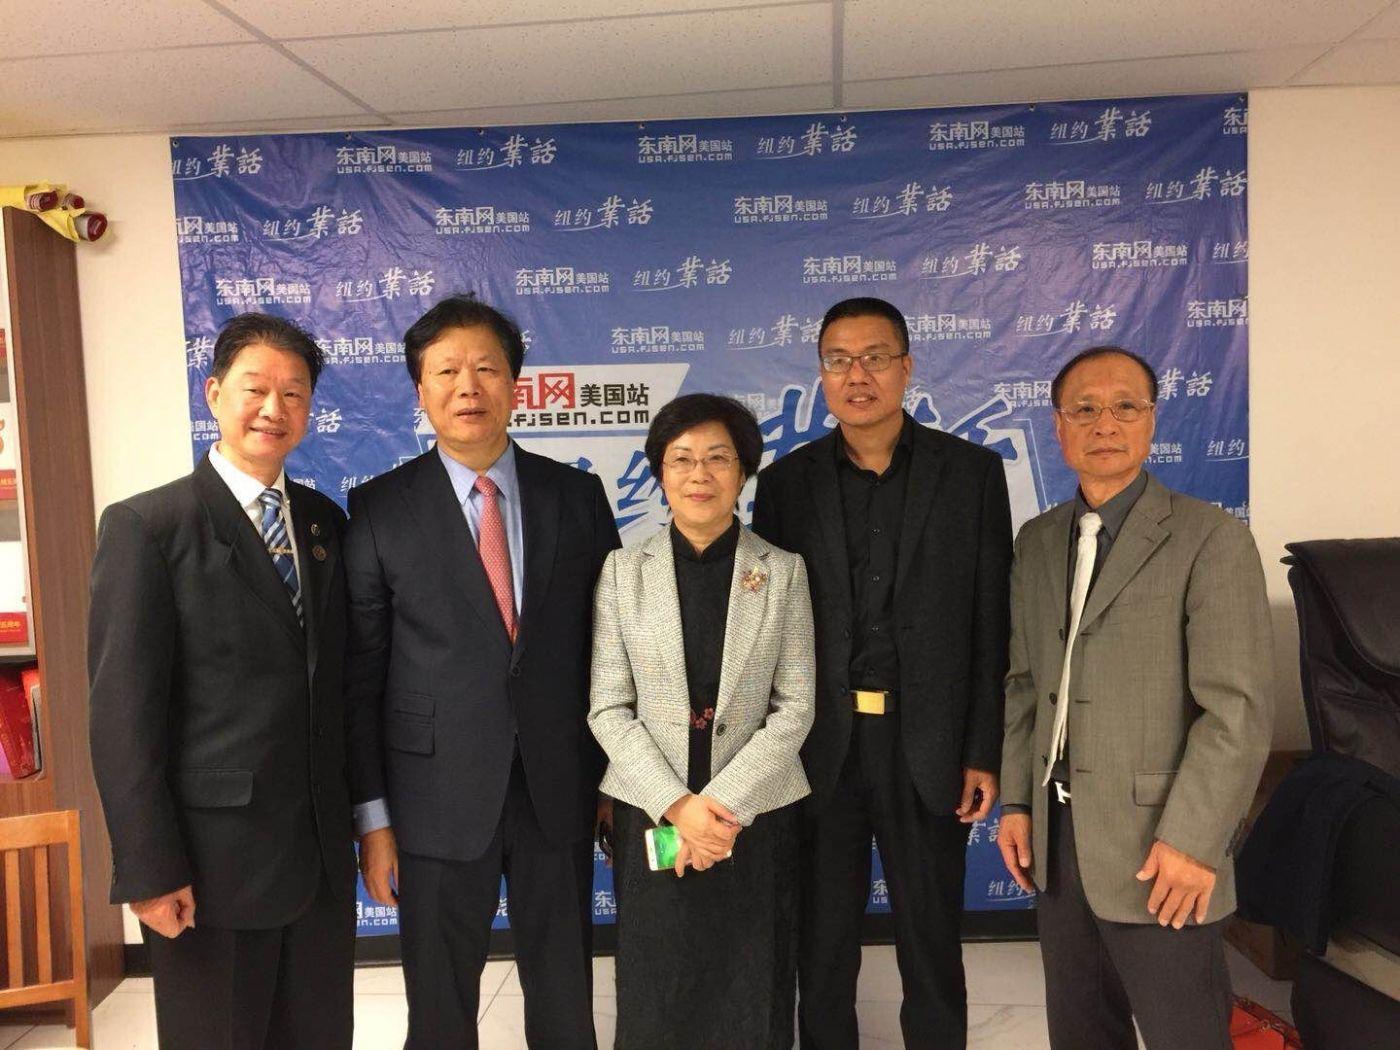 美国福建华人联合会欢迎福州市侨联主席蓝桂兰访美代表团一行 ... ..._图1-22